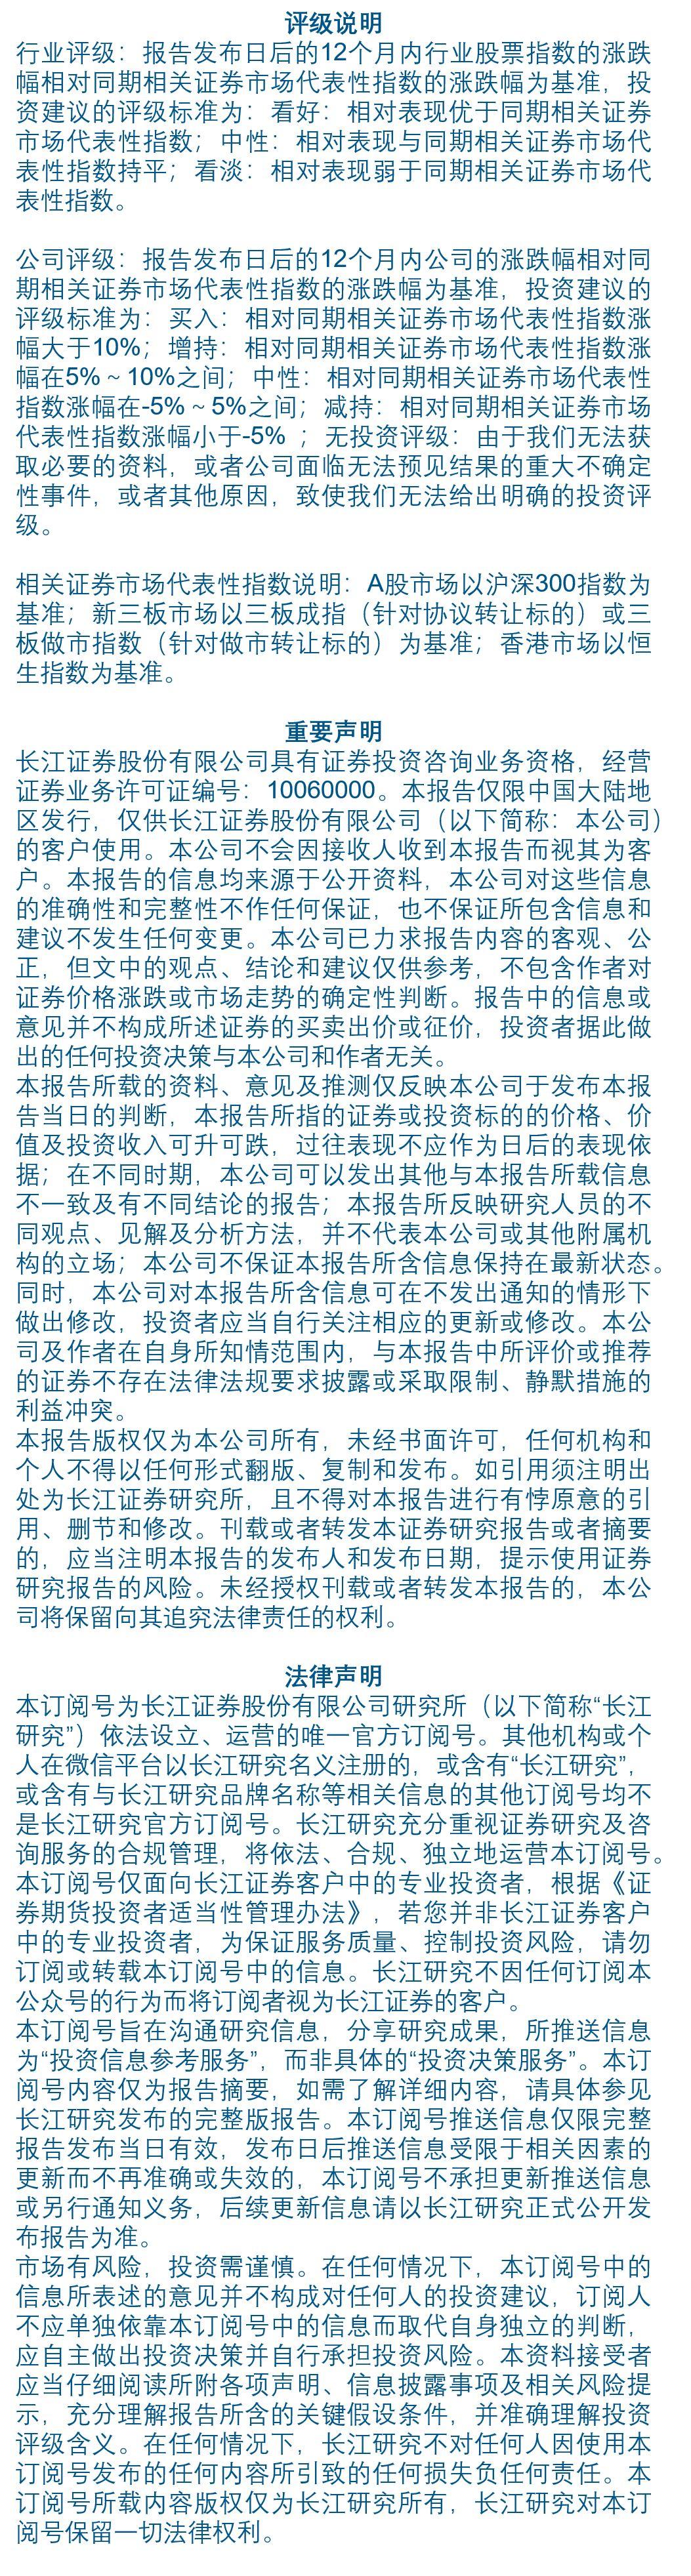 長江周匯 | 一周關鍵詞(2019.12.23)